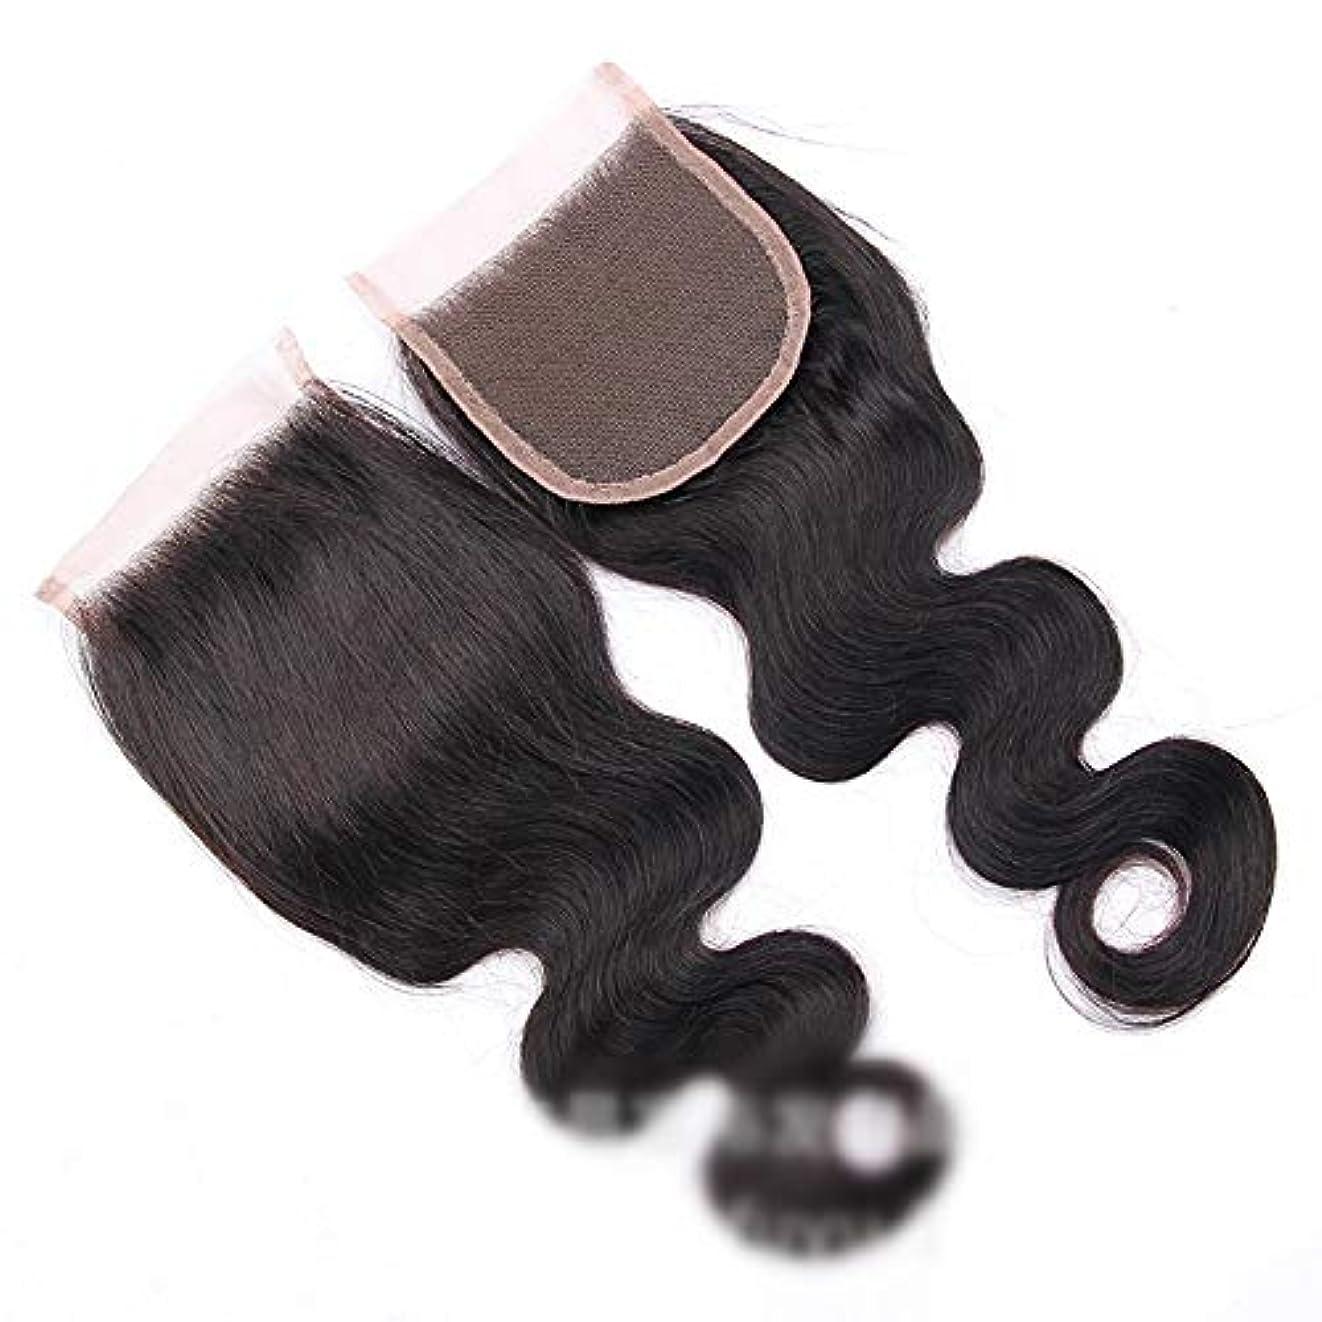 南極罪人遊び場HOHYLLYA ブラジル実体波レース閉鎖無料パート100%バージン人間の髪の毛の閉鎖ナチュラルカラービッグウェーブウィッグ (色 : 黒, サイズ : 8 inch)